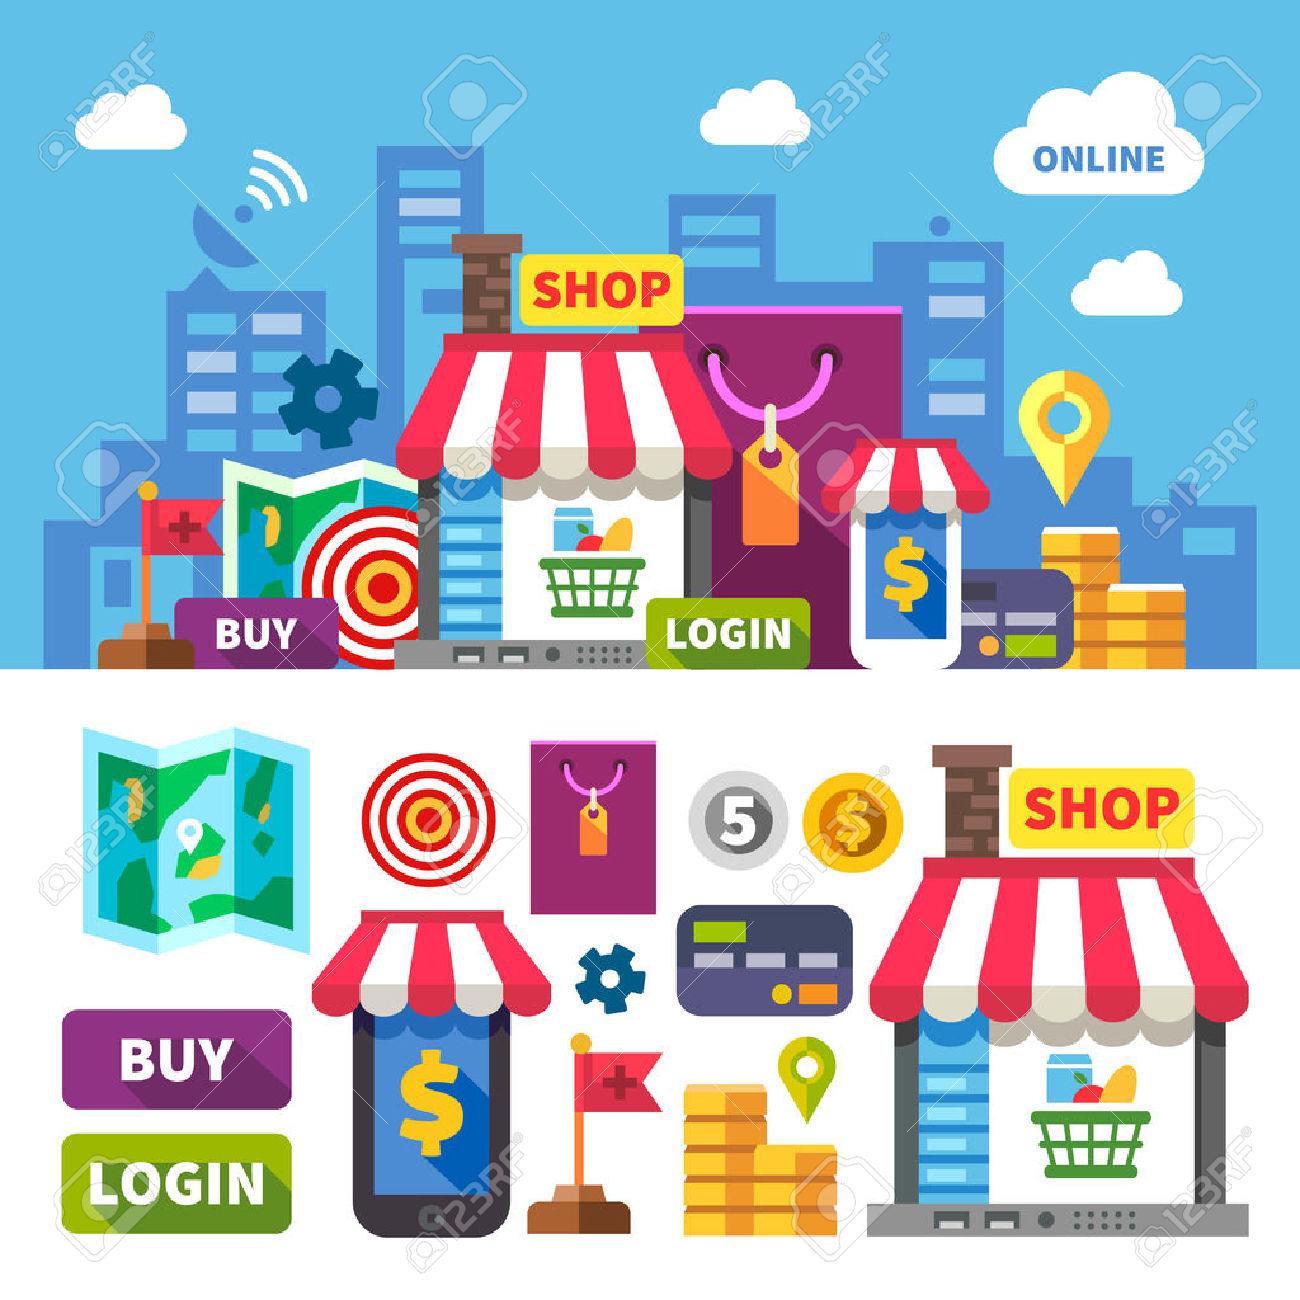 Tìm kiếm sản phẩm và shop uy tín